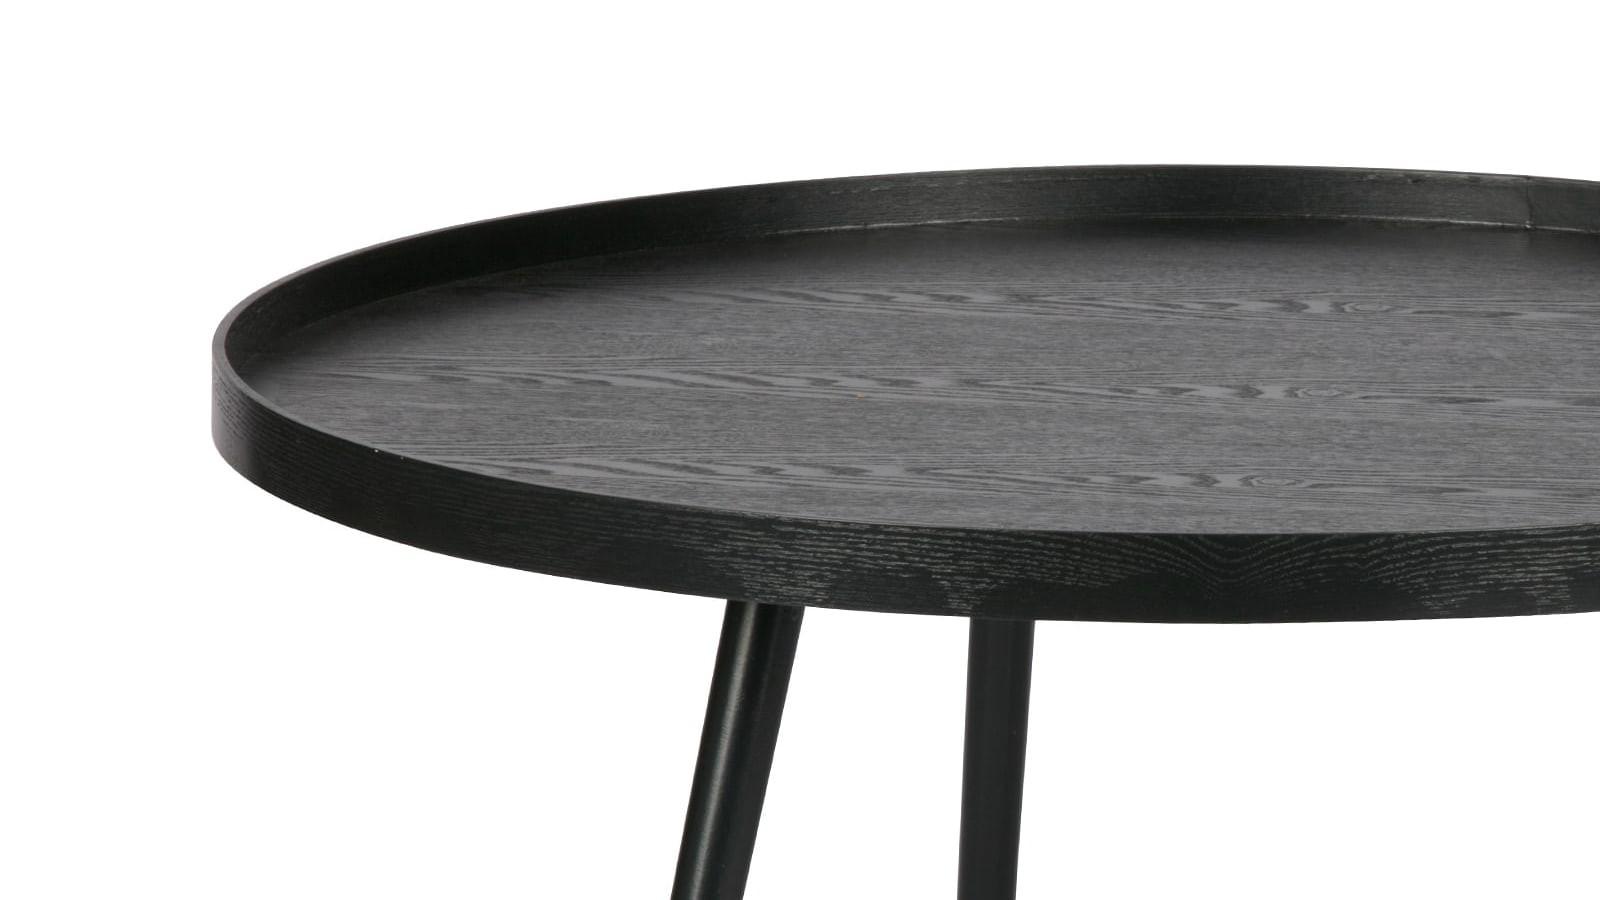 ronde en bois 60cmpiètement x conique basse 34 Table noir nPX80wOk